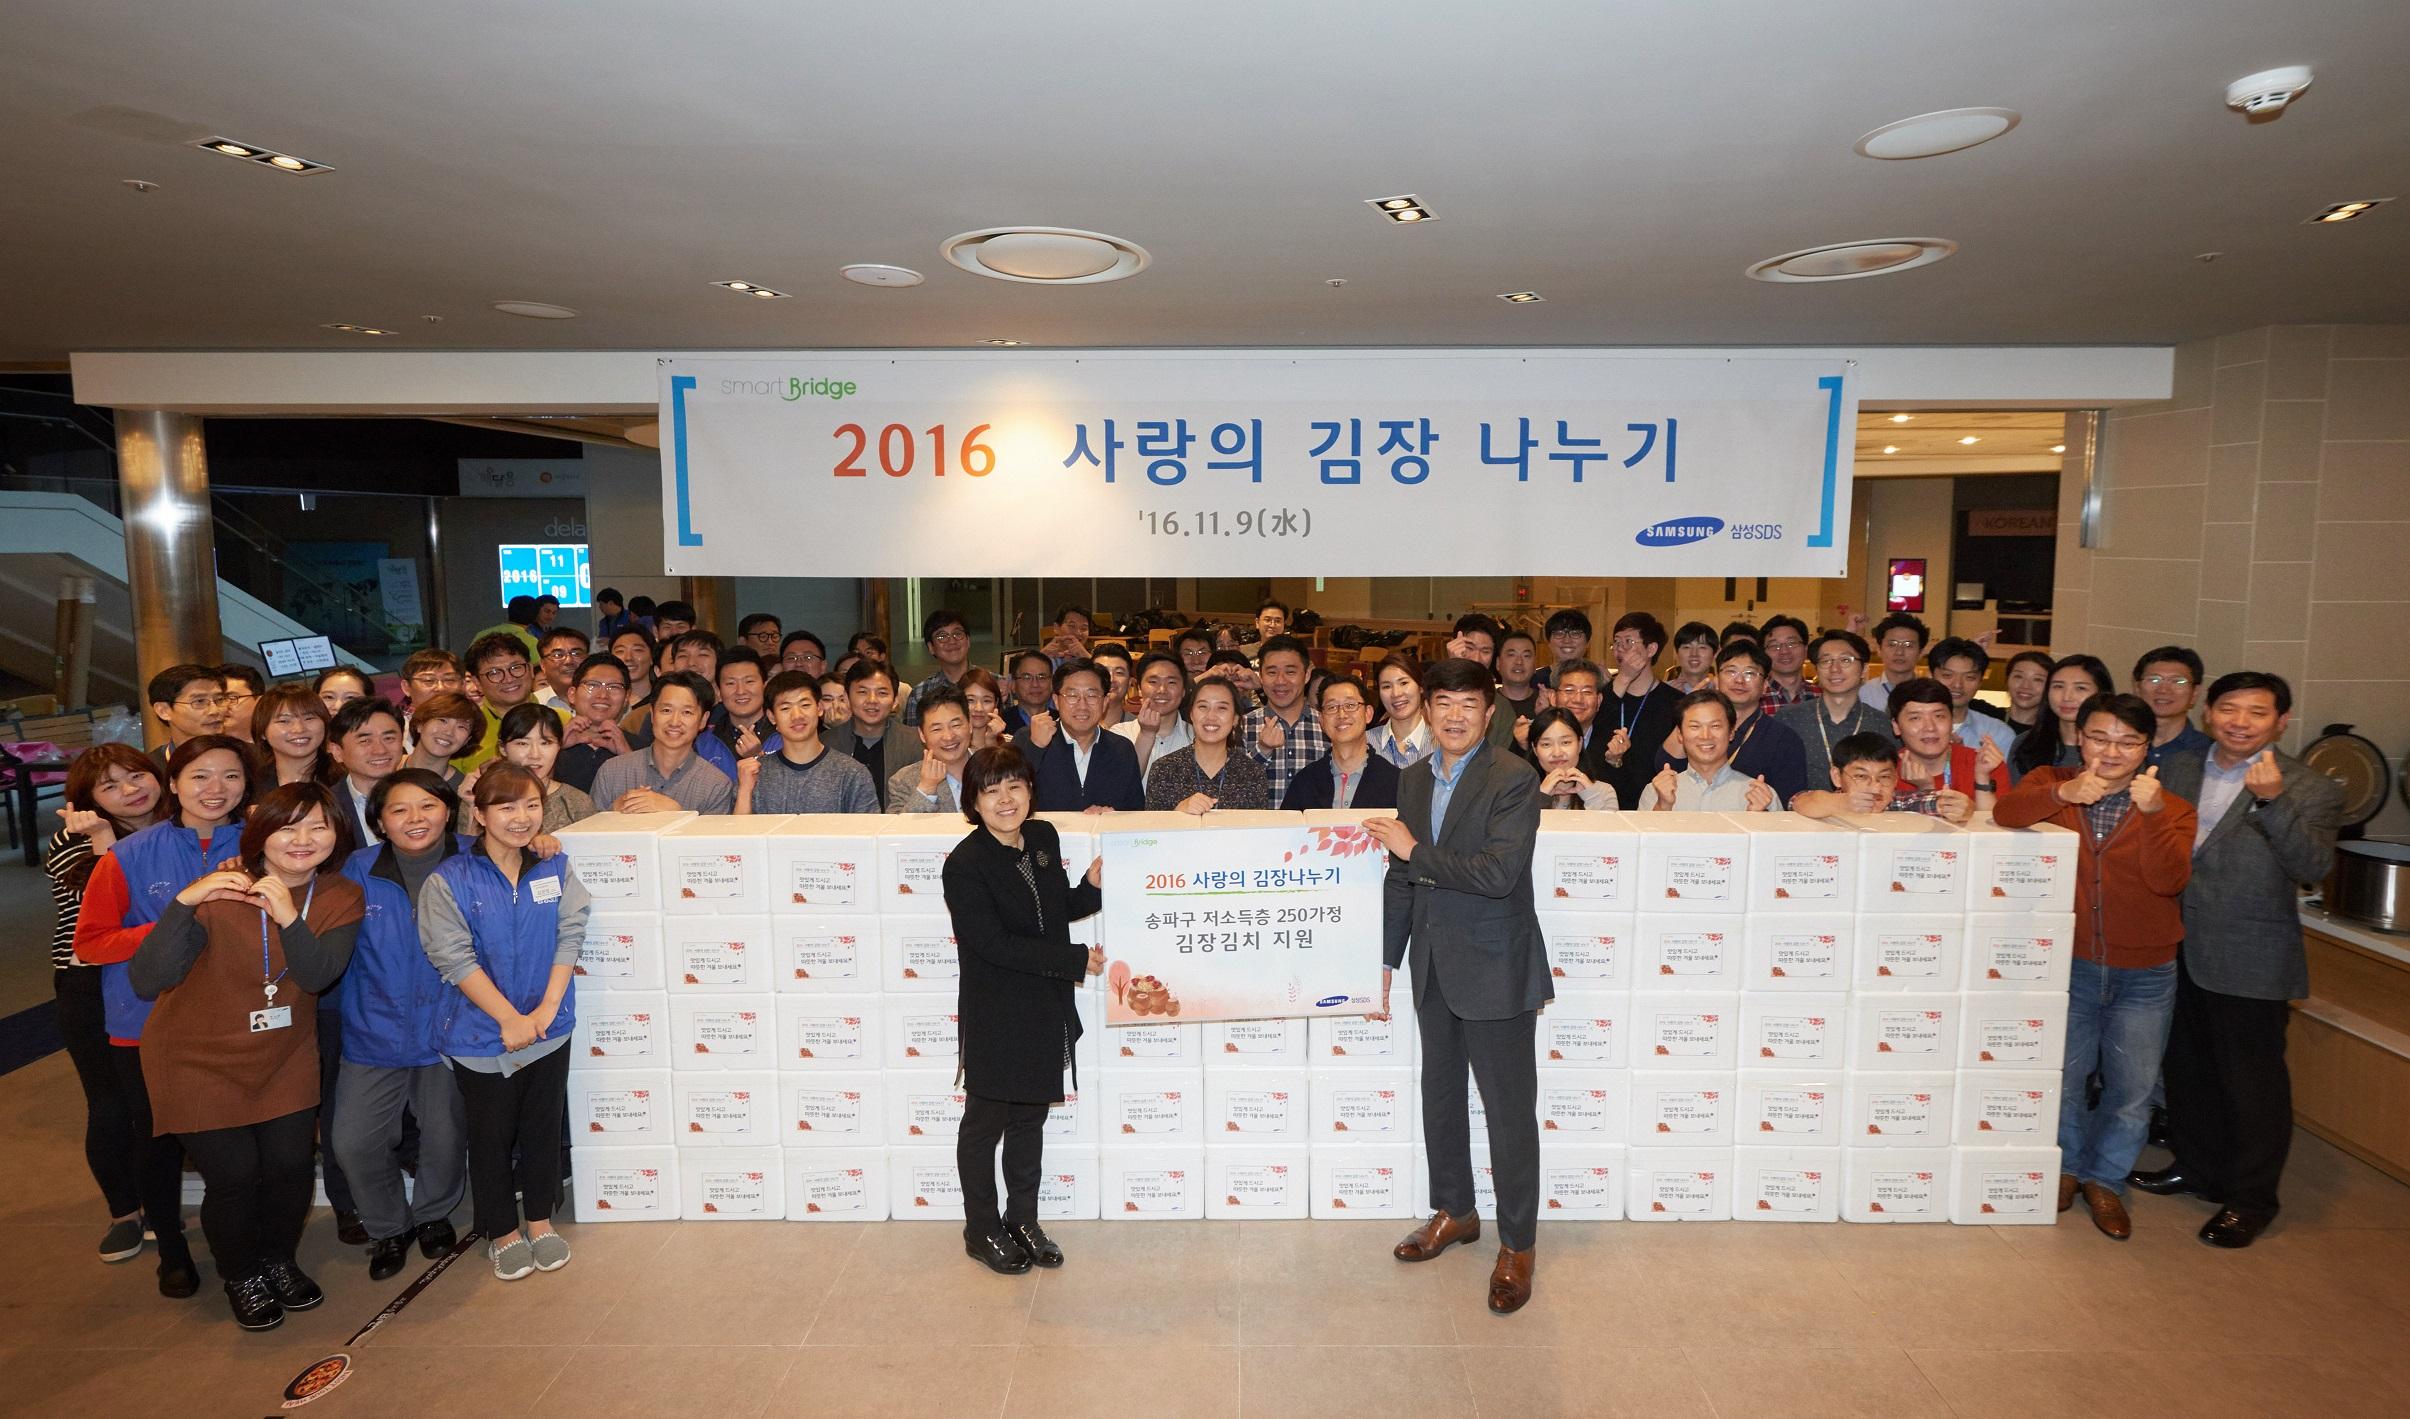 김치 전달 사진